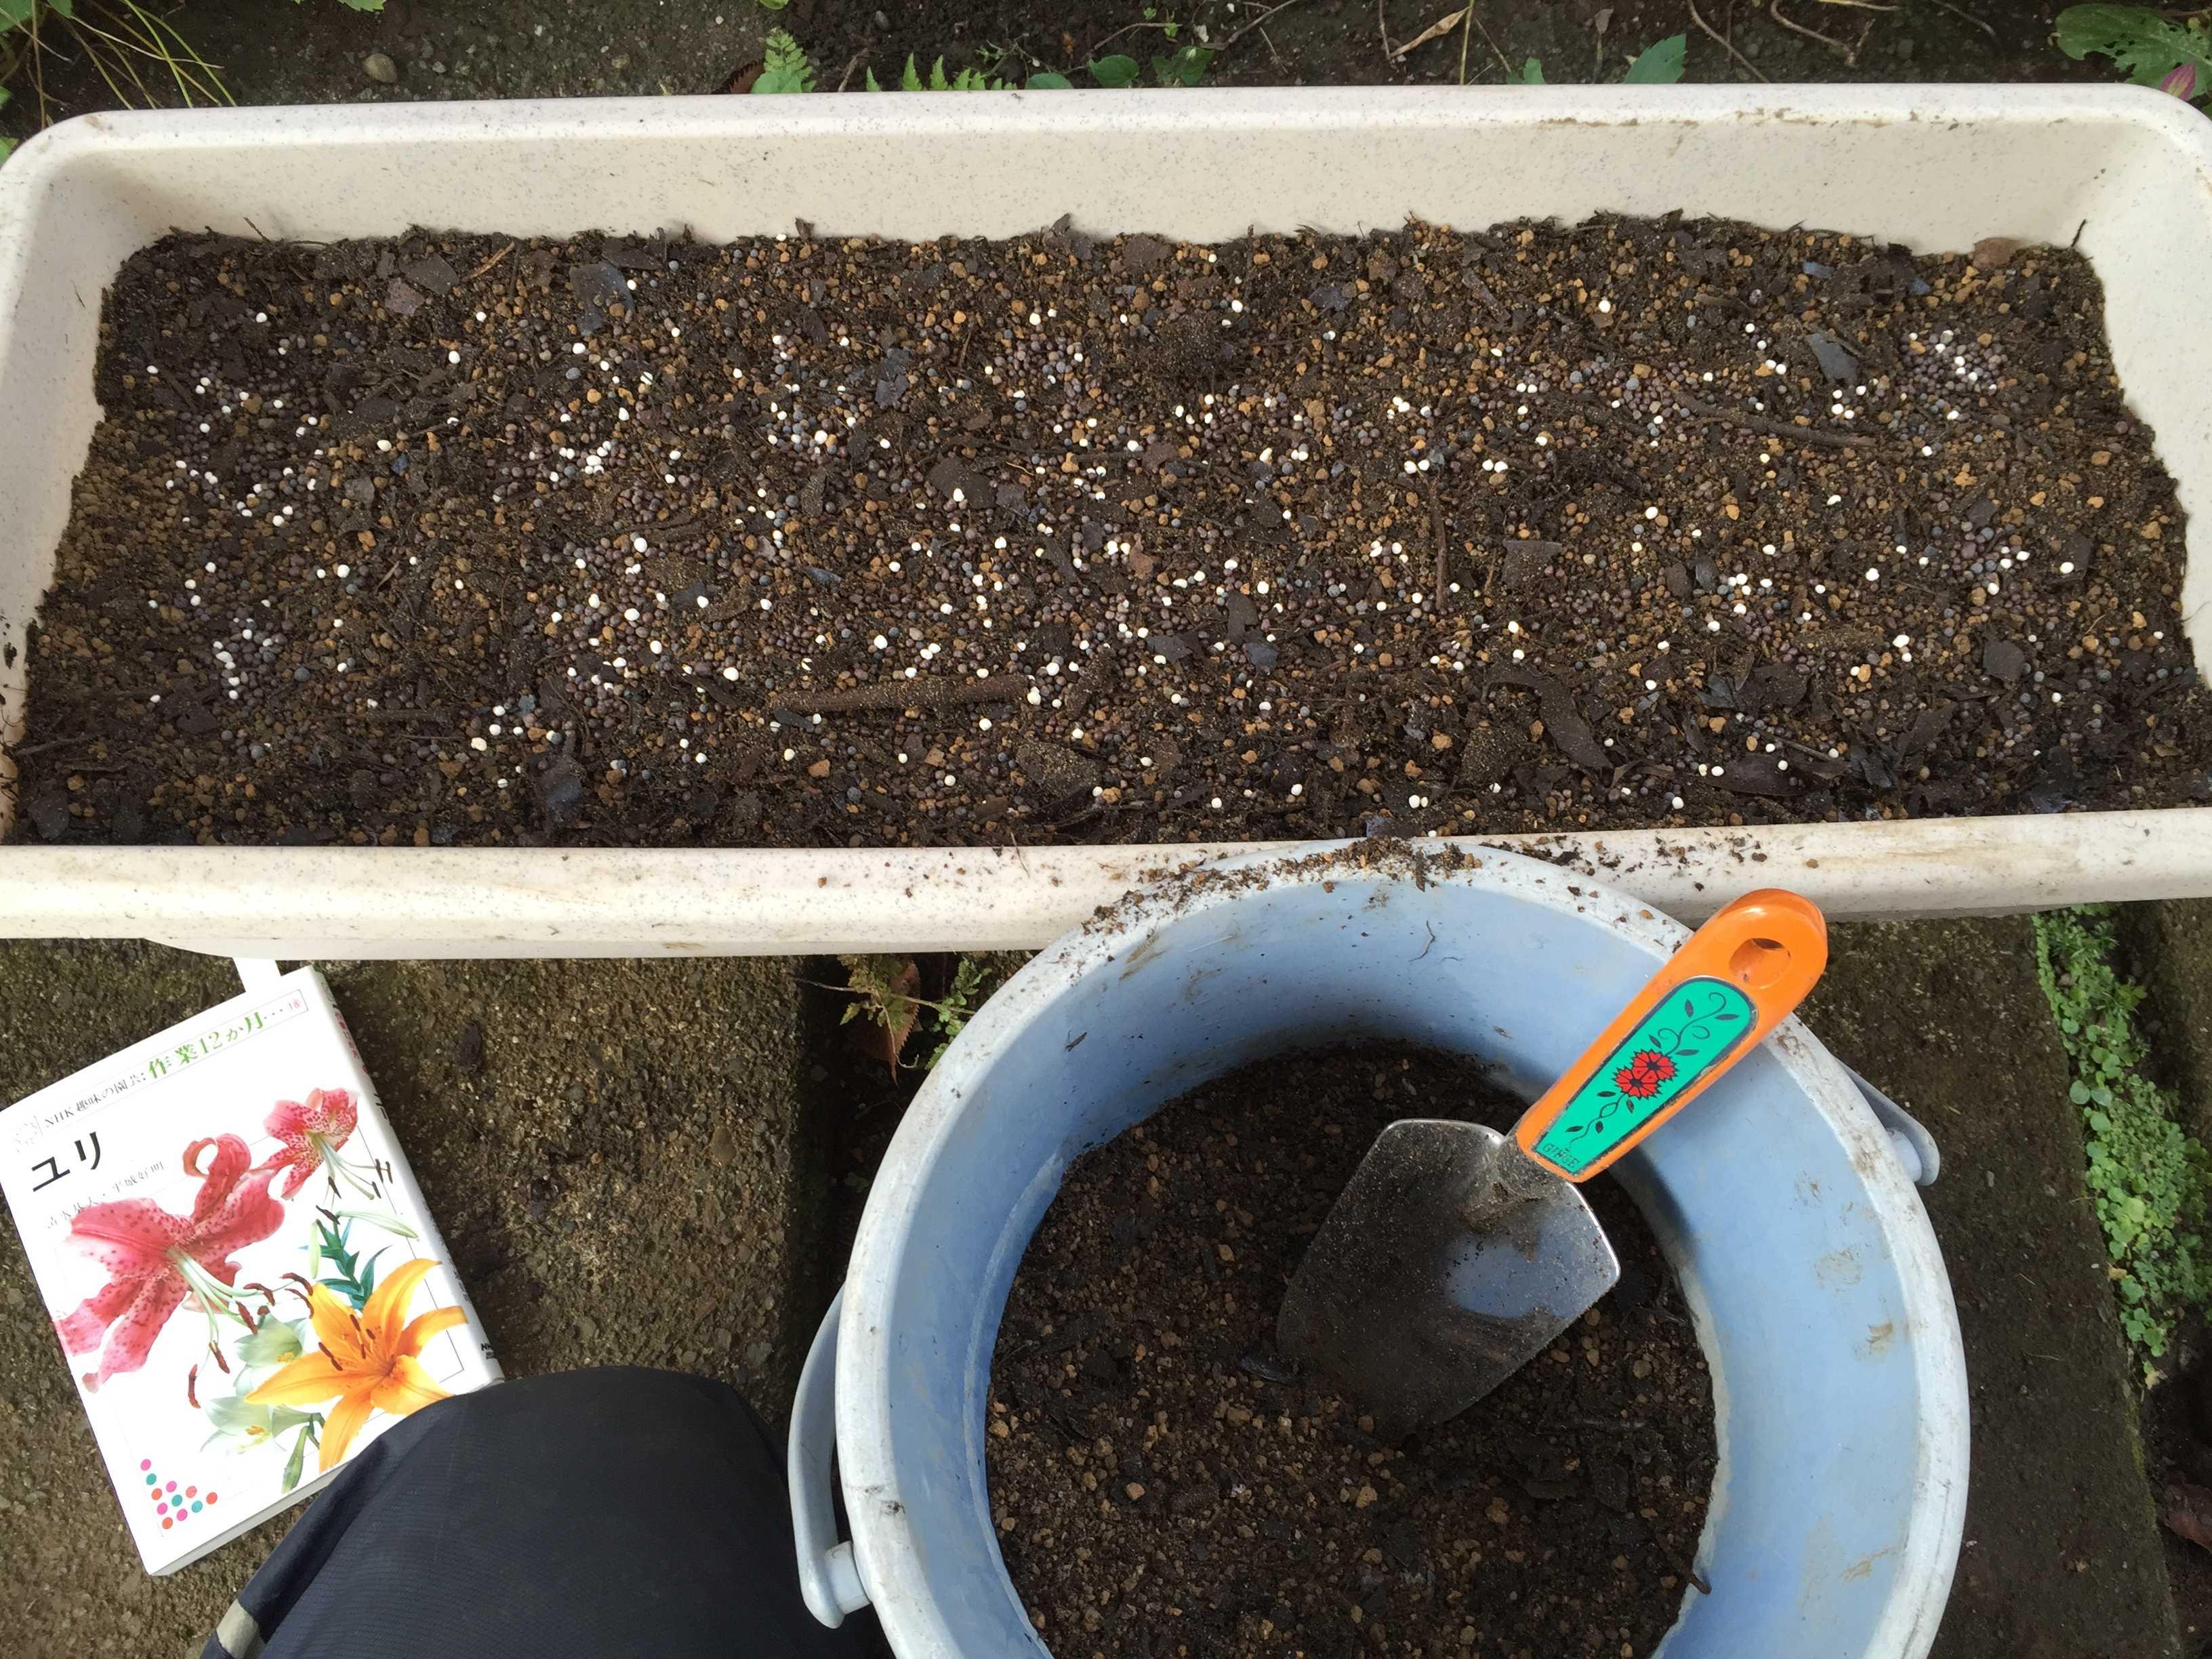 ヤマユリの種子繁殖/実生 - 住友化学園芸 マイガーデン 植物全般用